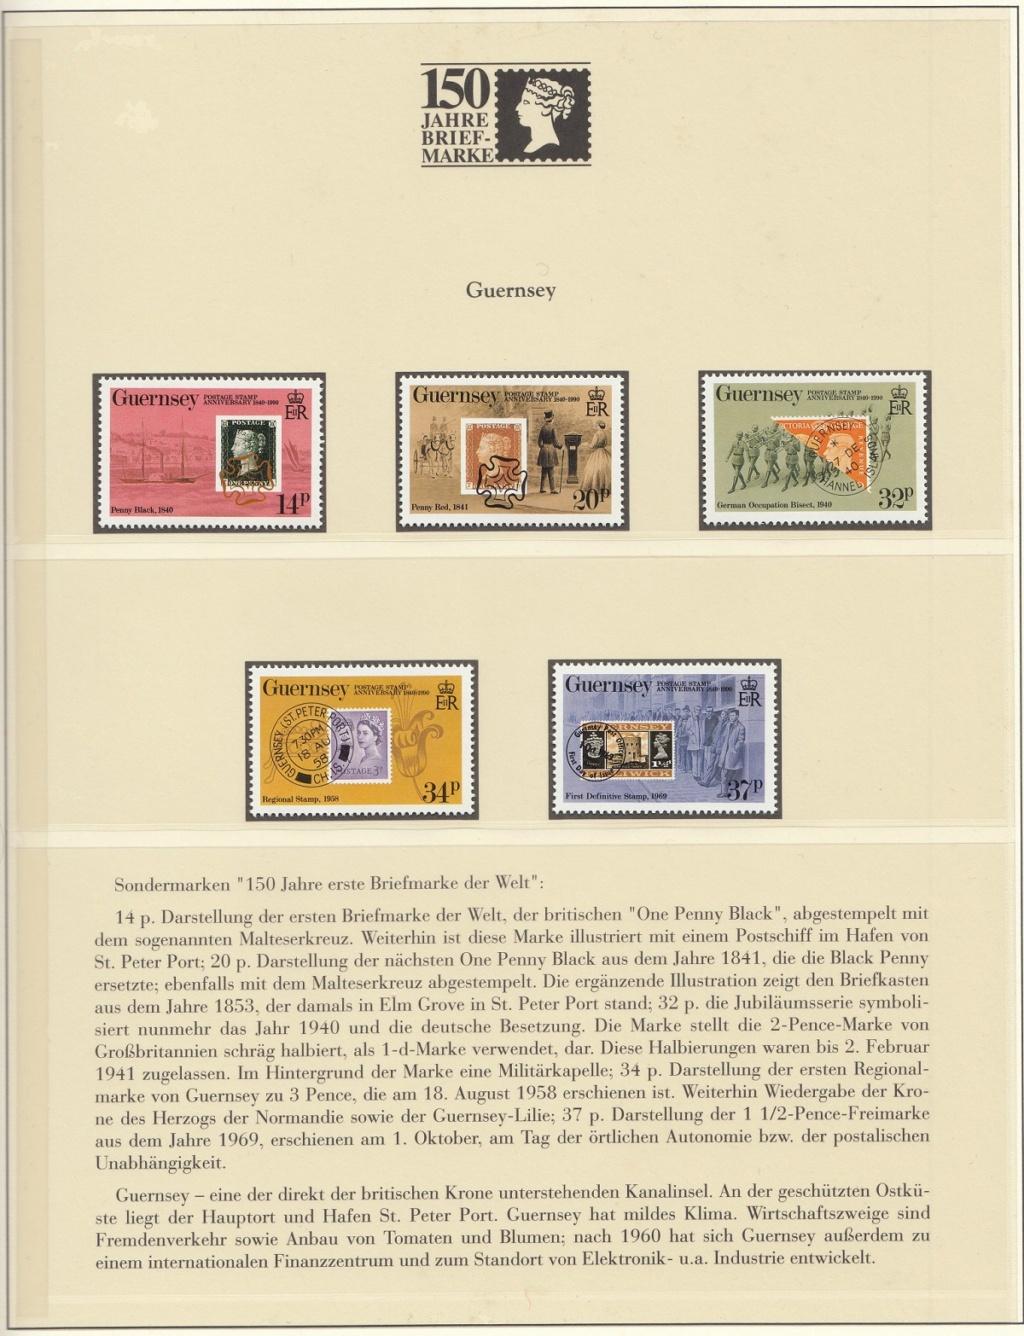 180 Jahre Briefmarke 150-3110